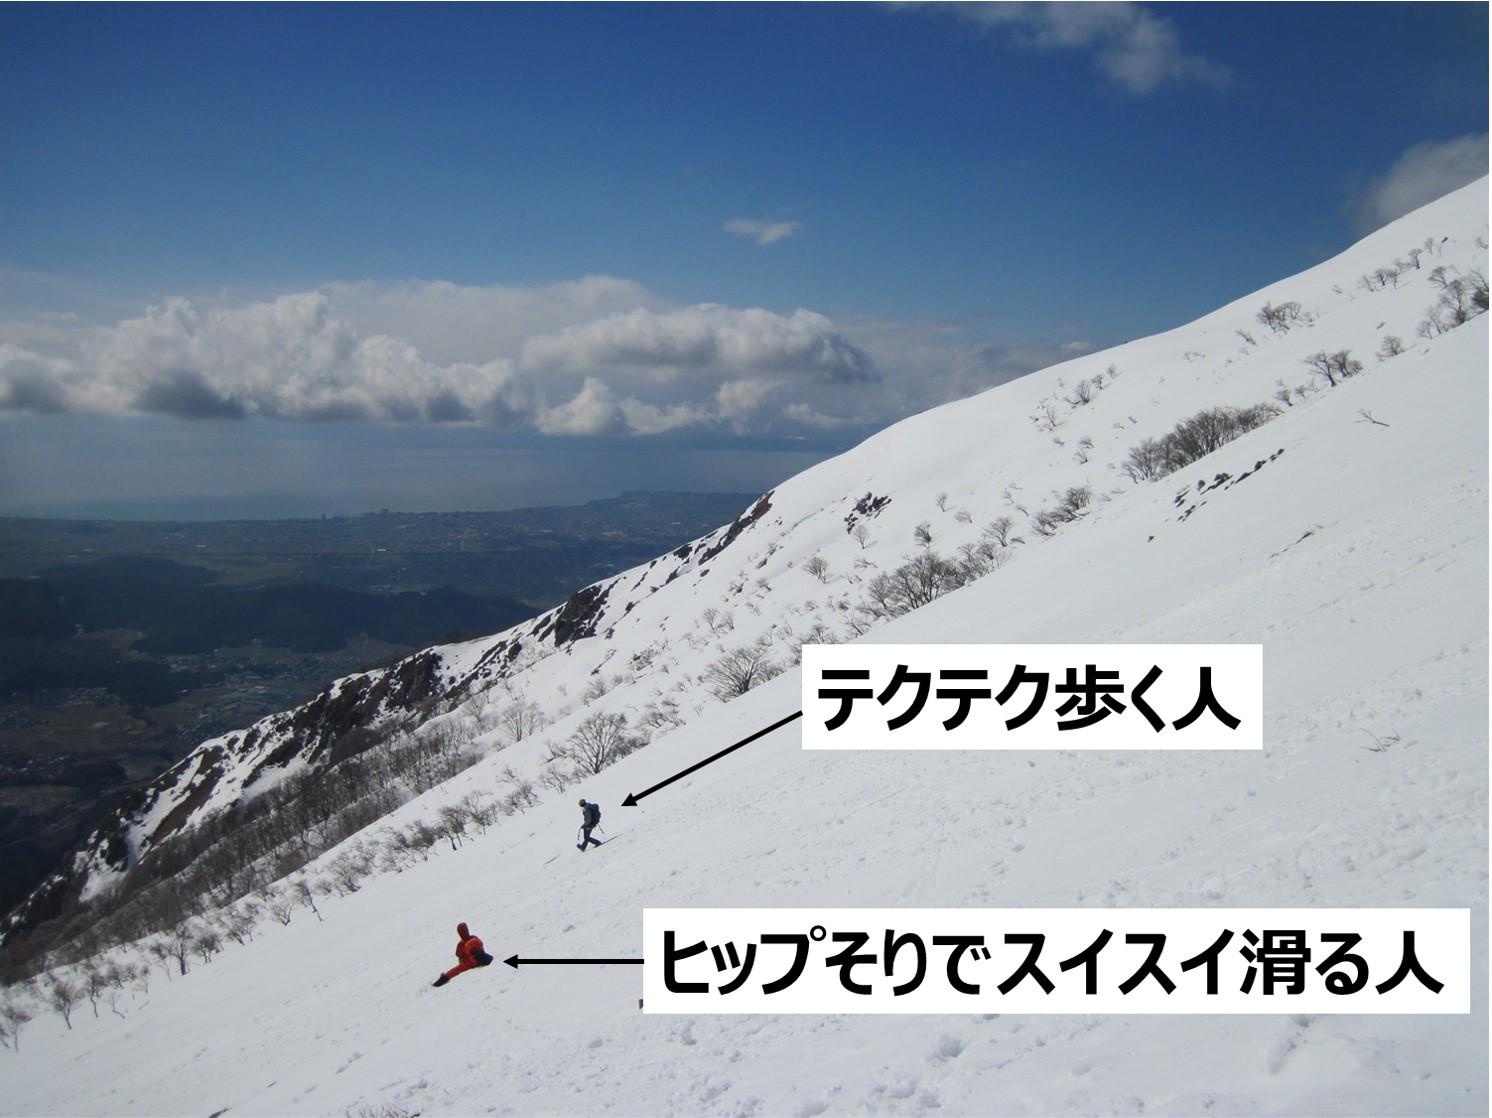 伊吹山で冬登山|ヒップそりでスイスイ滑る